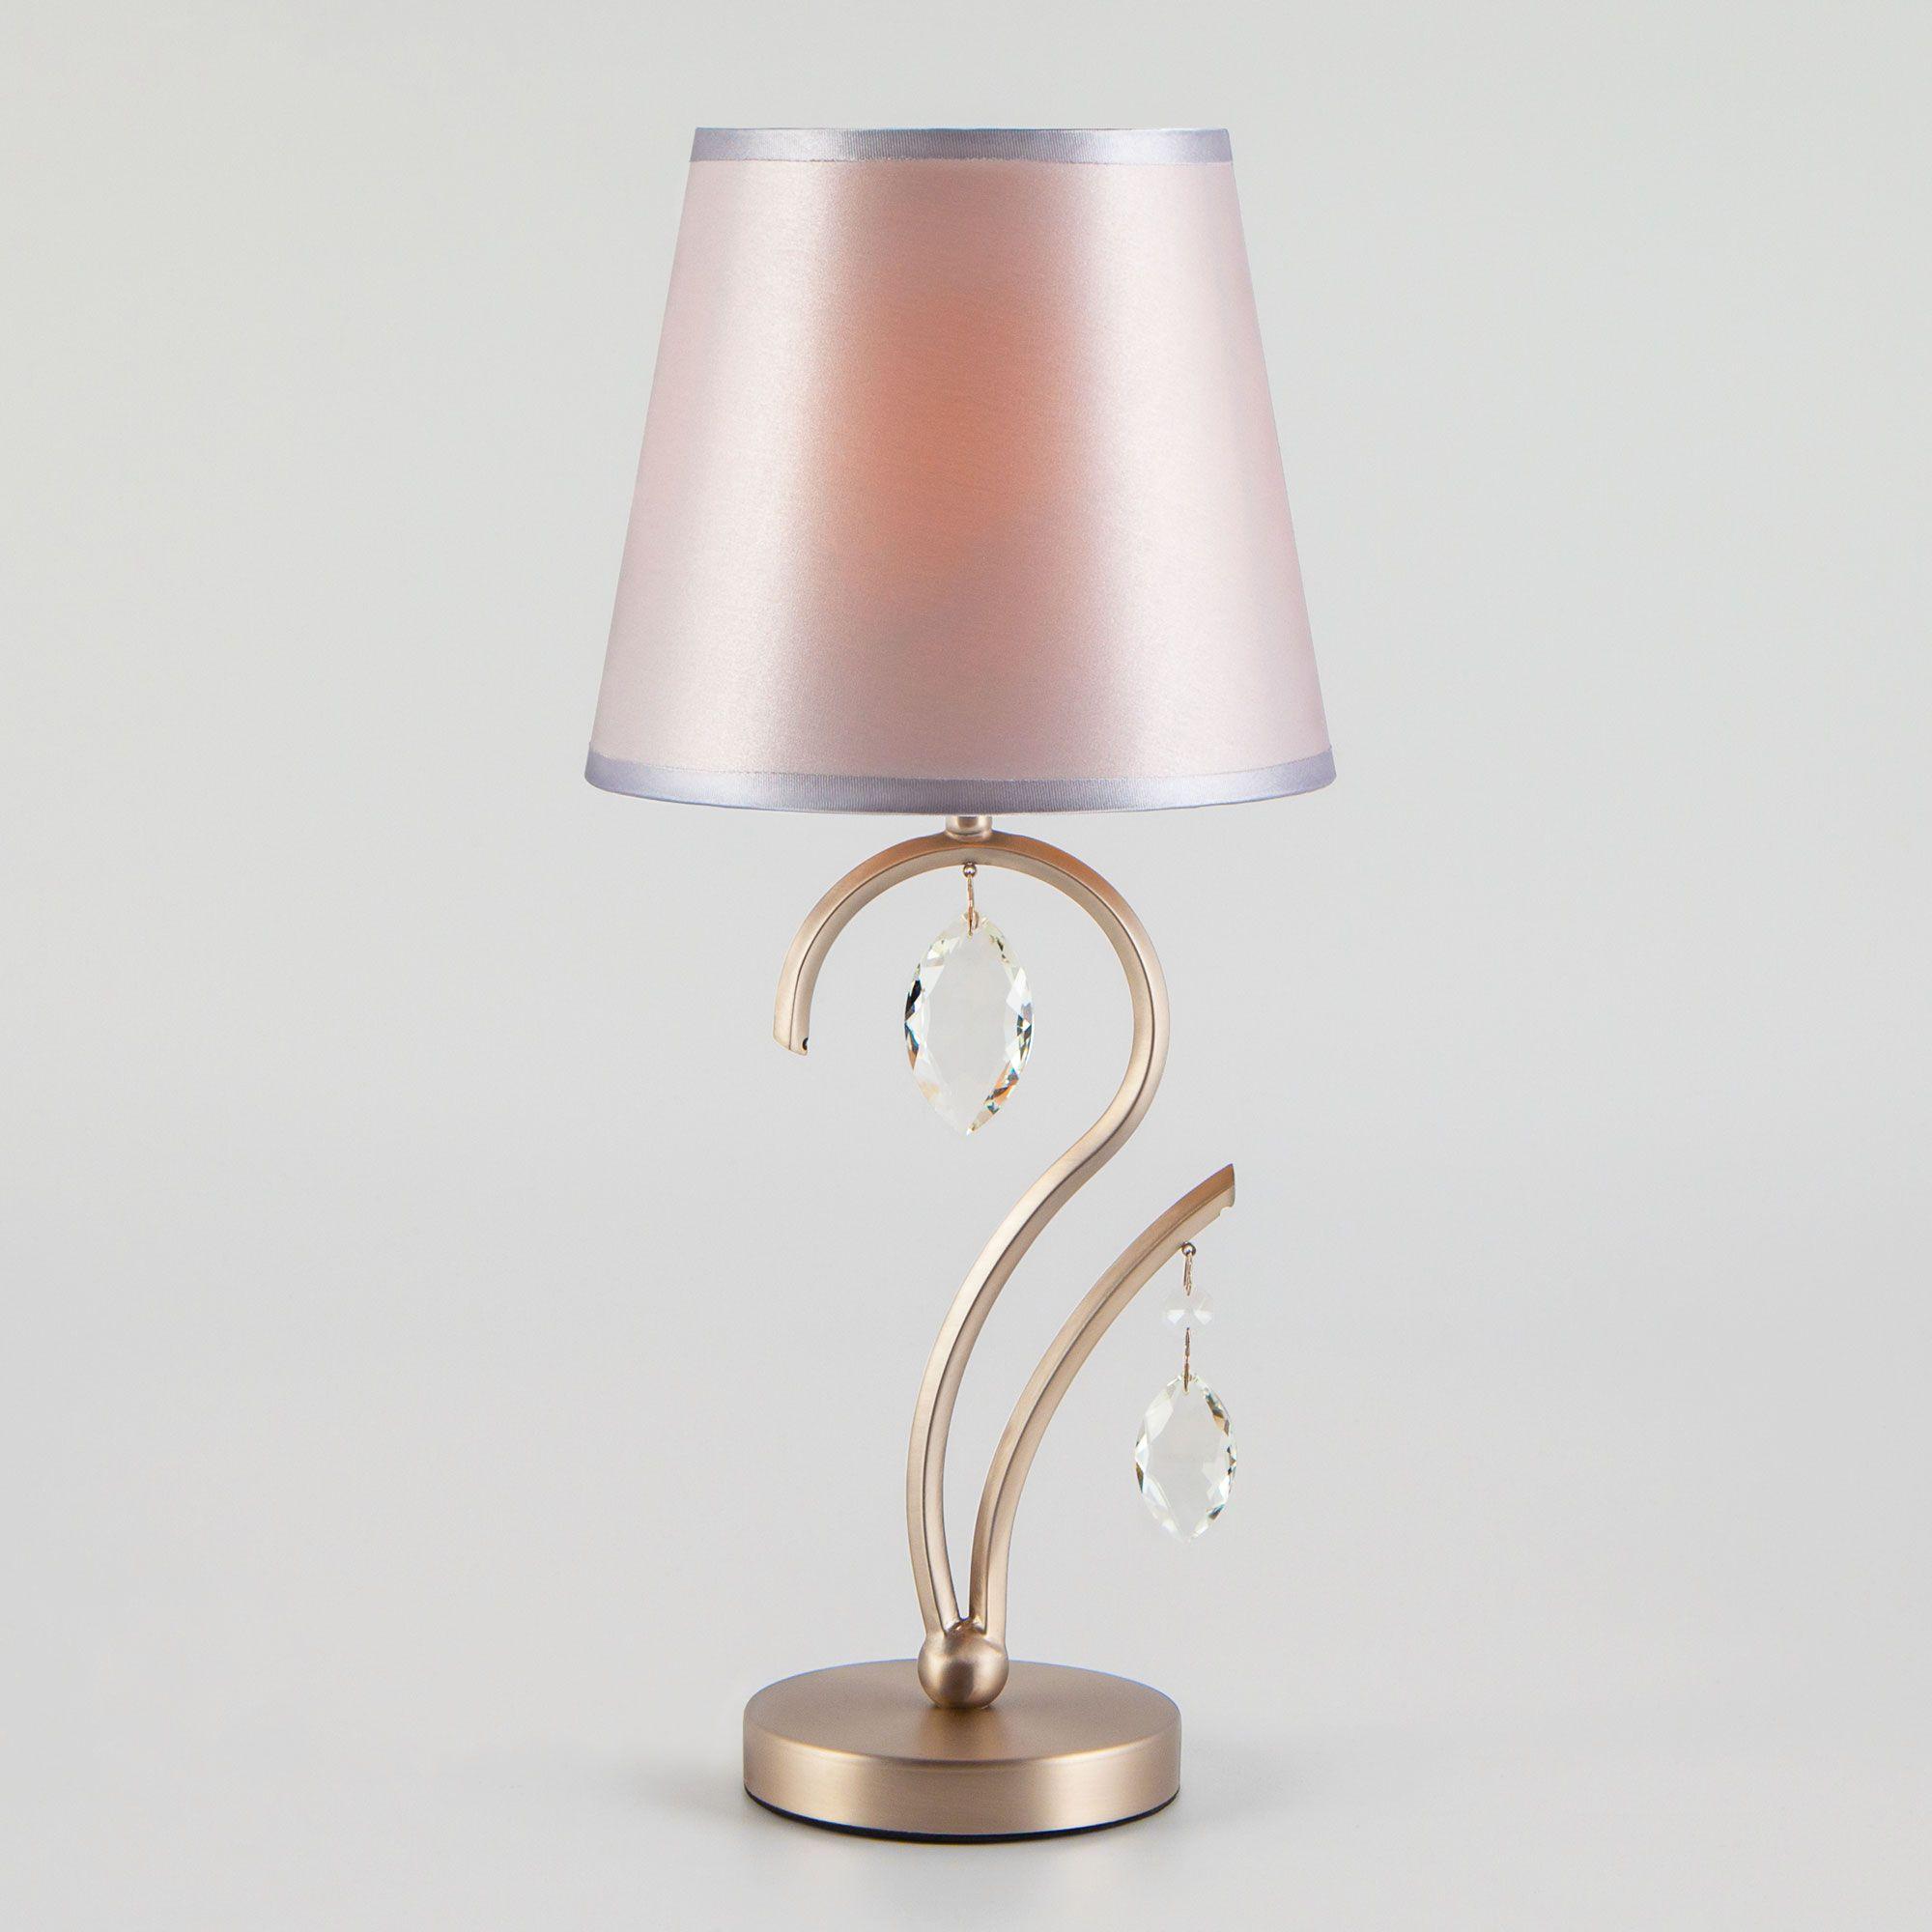 Настольная лампа в классическом стиле 01059/1 сатин-никель/прозрачный хрусталь Strotskis